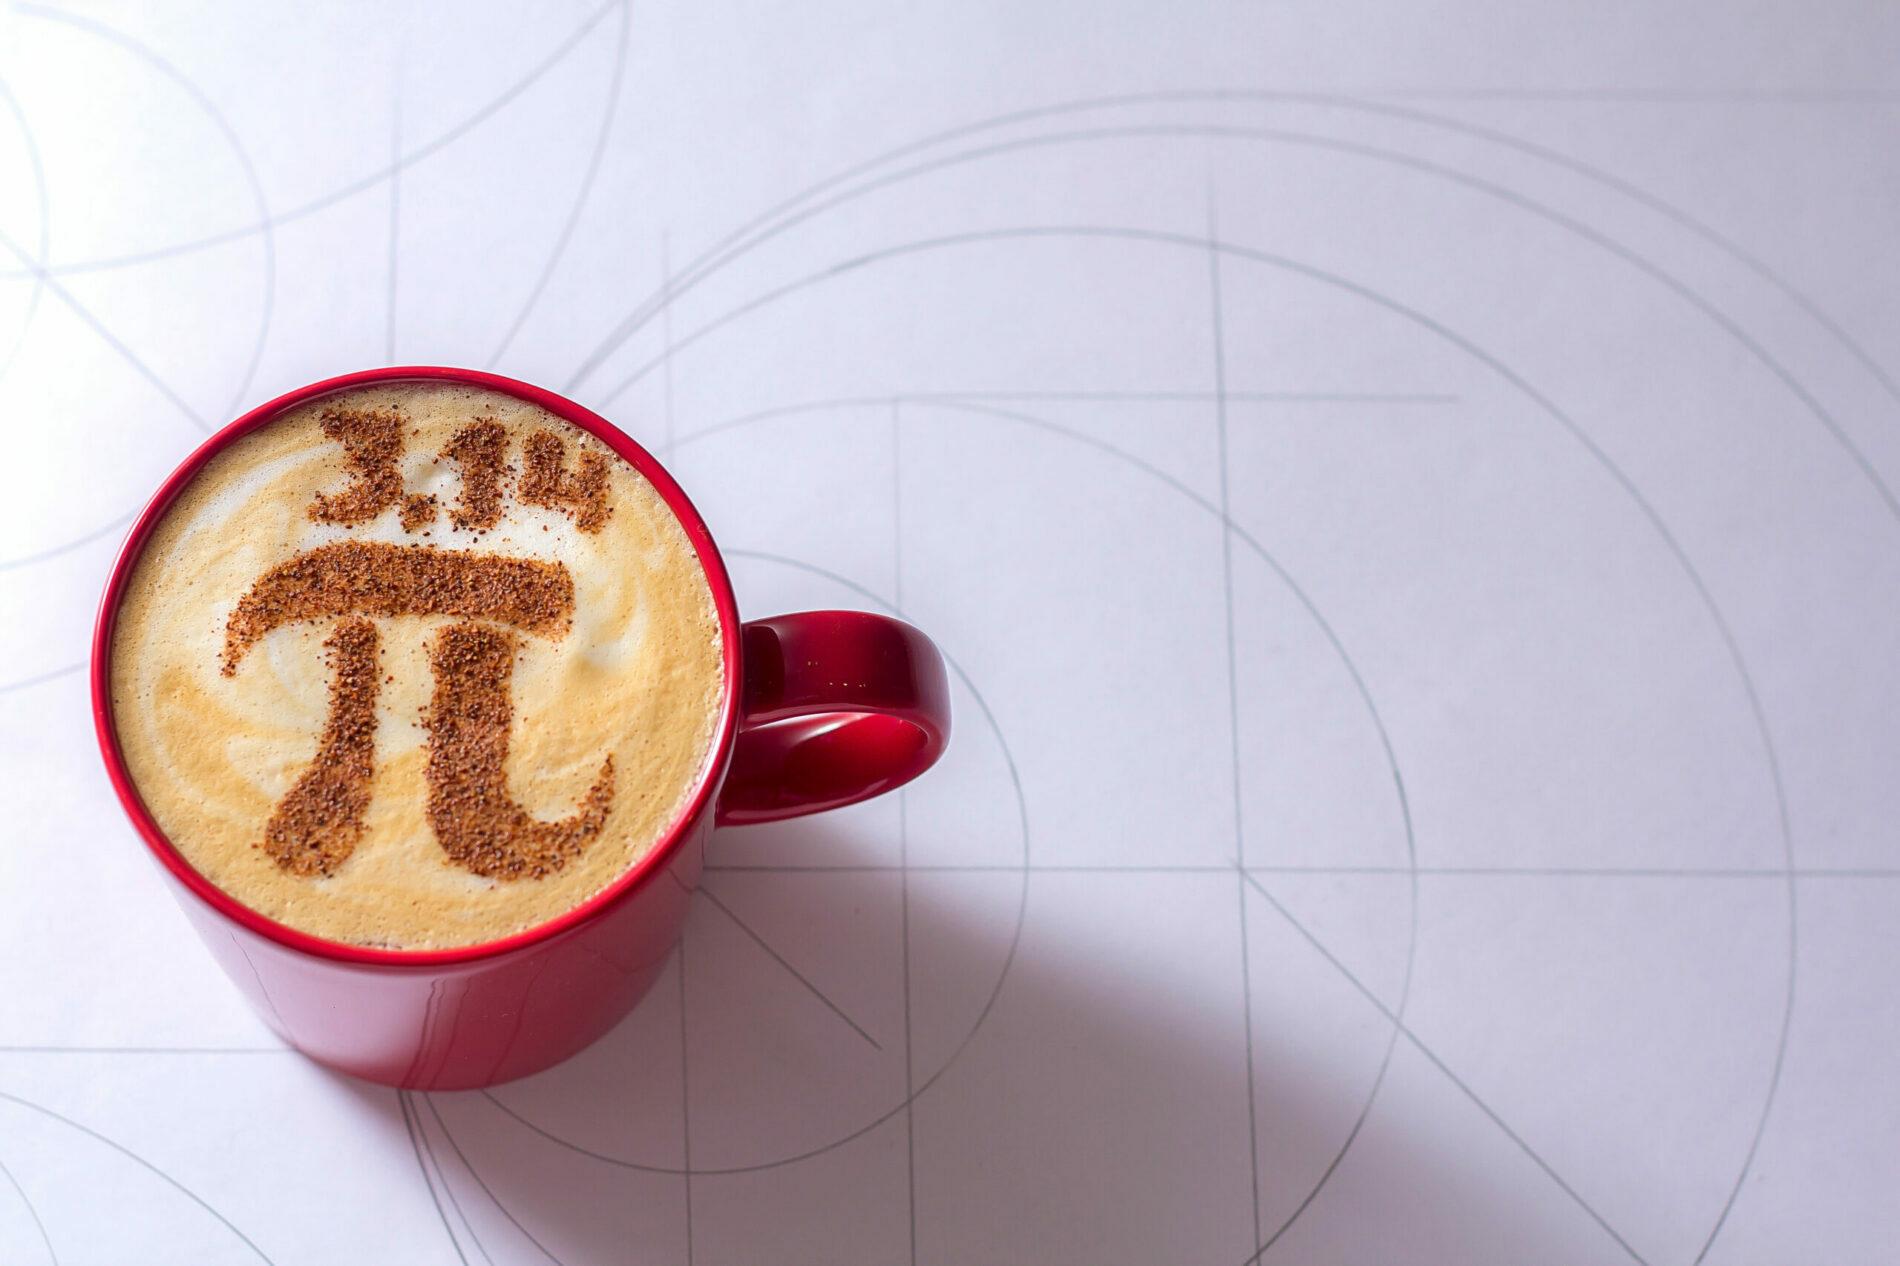 Matematica per un mondo migliore. Scopriamo insieme gli eventi matematici degli ultimi 12 mesi